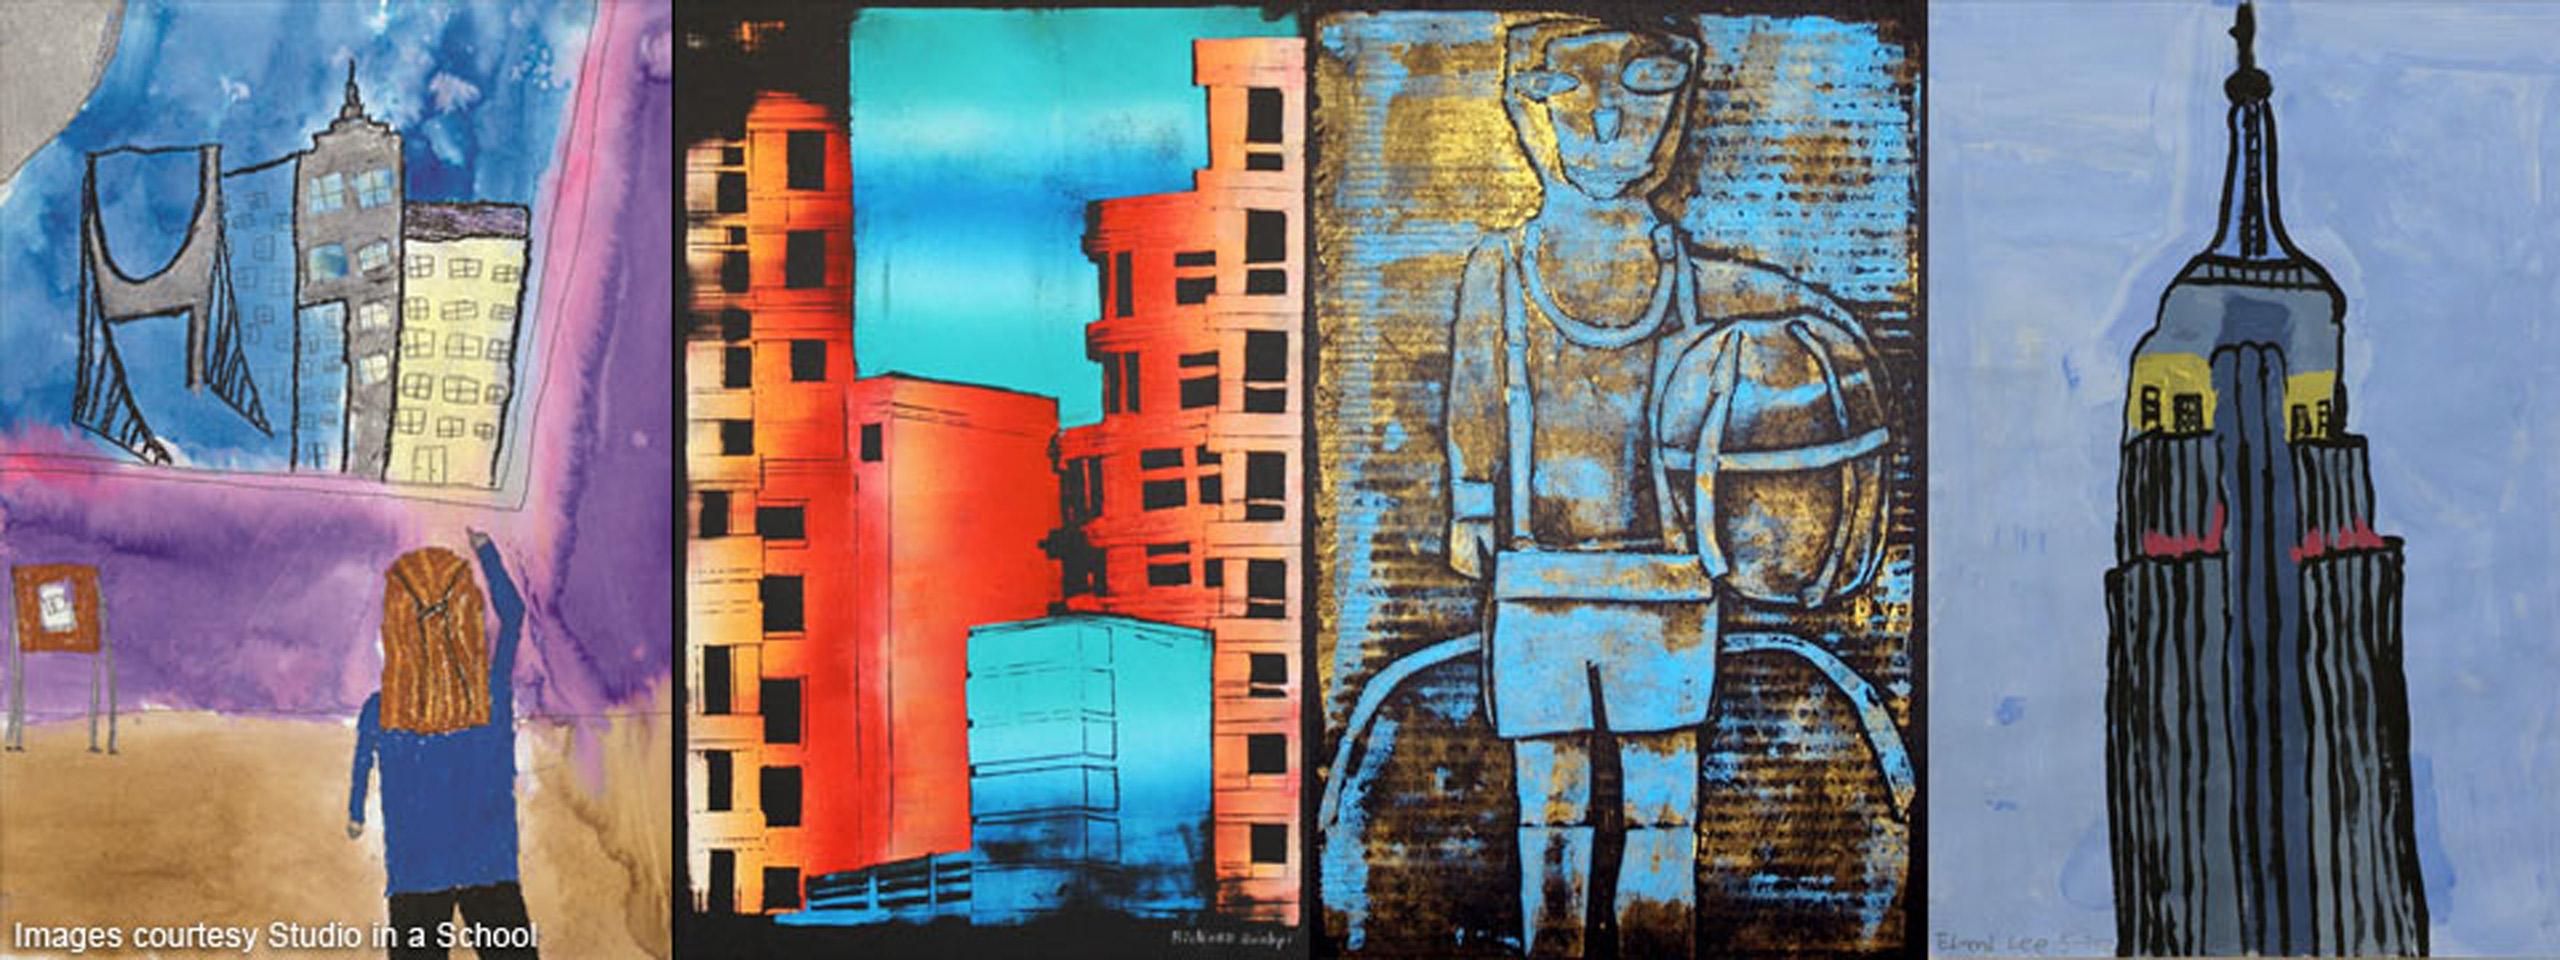 Quatre peintures réalisées par des étudiants à New York. Les peintures représentent des monuments, des bâtiments et la vie quotidienne dans la ville